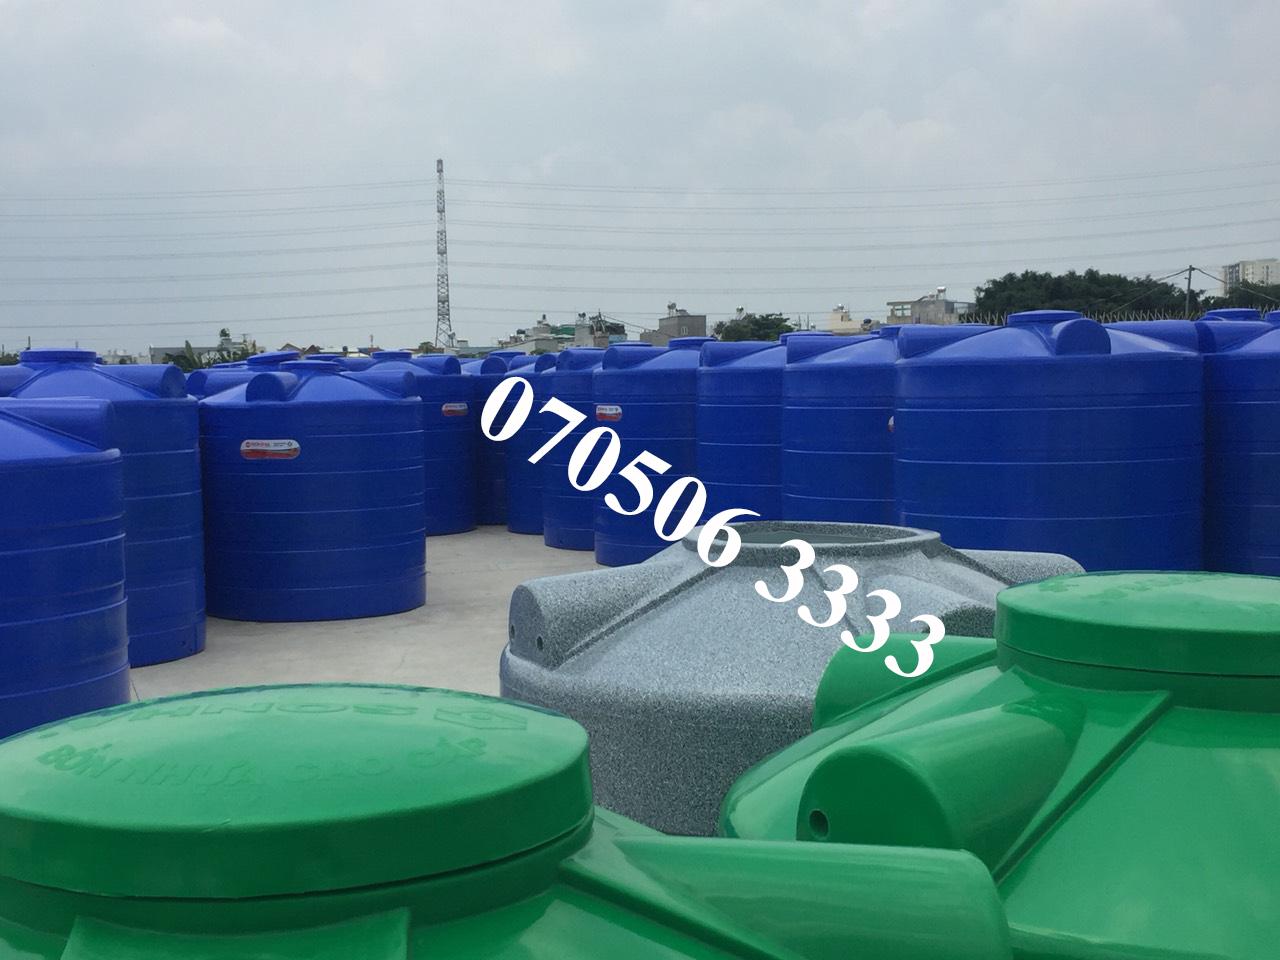 Mẫu bồn nhựa Đại Thành được bán trên thị trường hiện nay